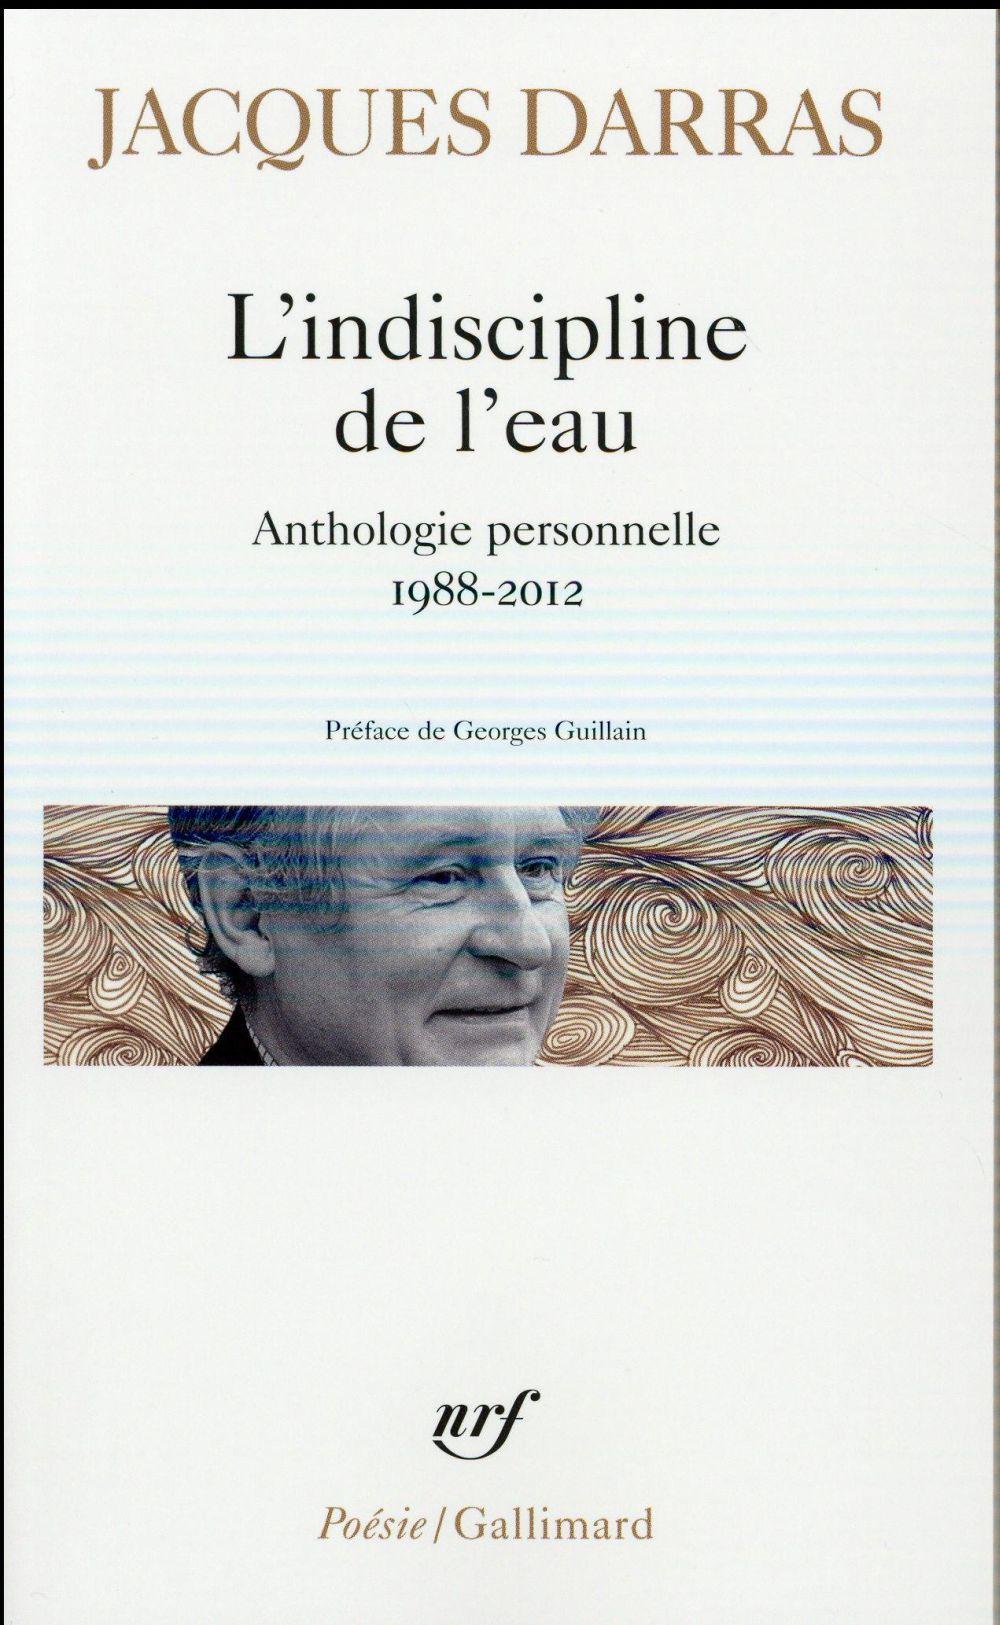 L'INDISCIPLINE DE L'EAU  -  ANTHOLOGIE PERSONNELLE 1988-2012